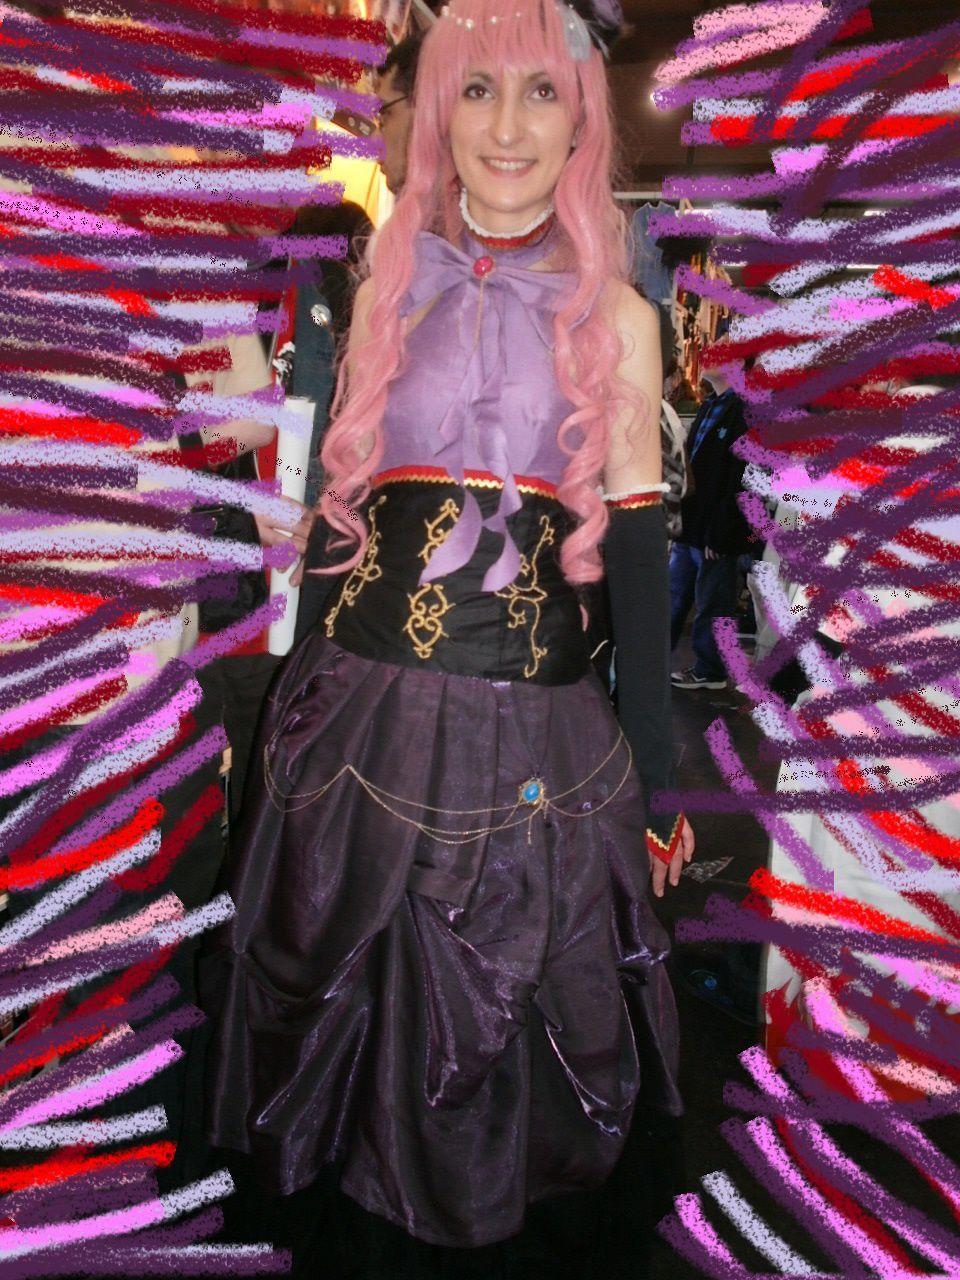 Costume cousu  par la cosplayeuse, en particulier le jupon, les ornements. Très belle réussite !